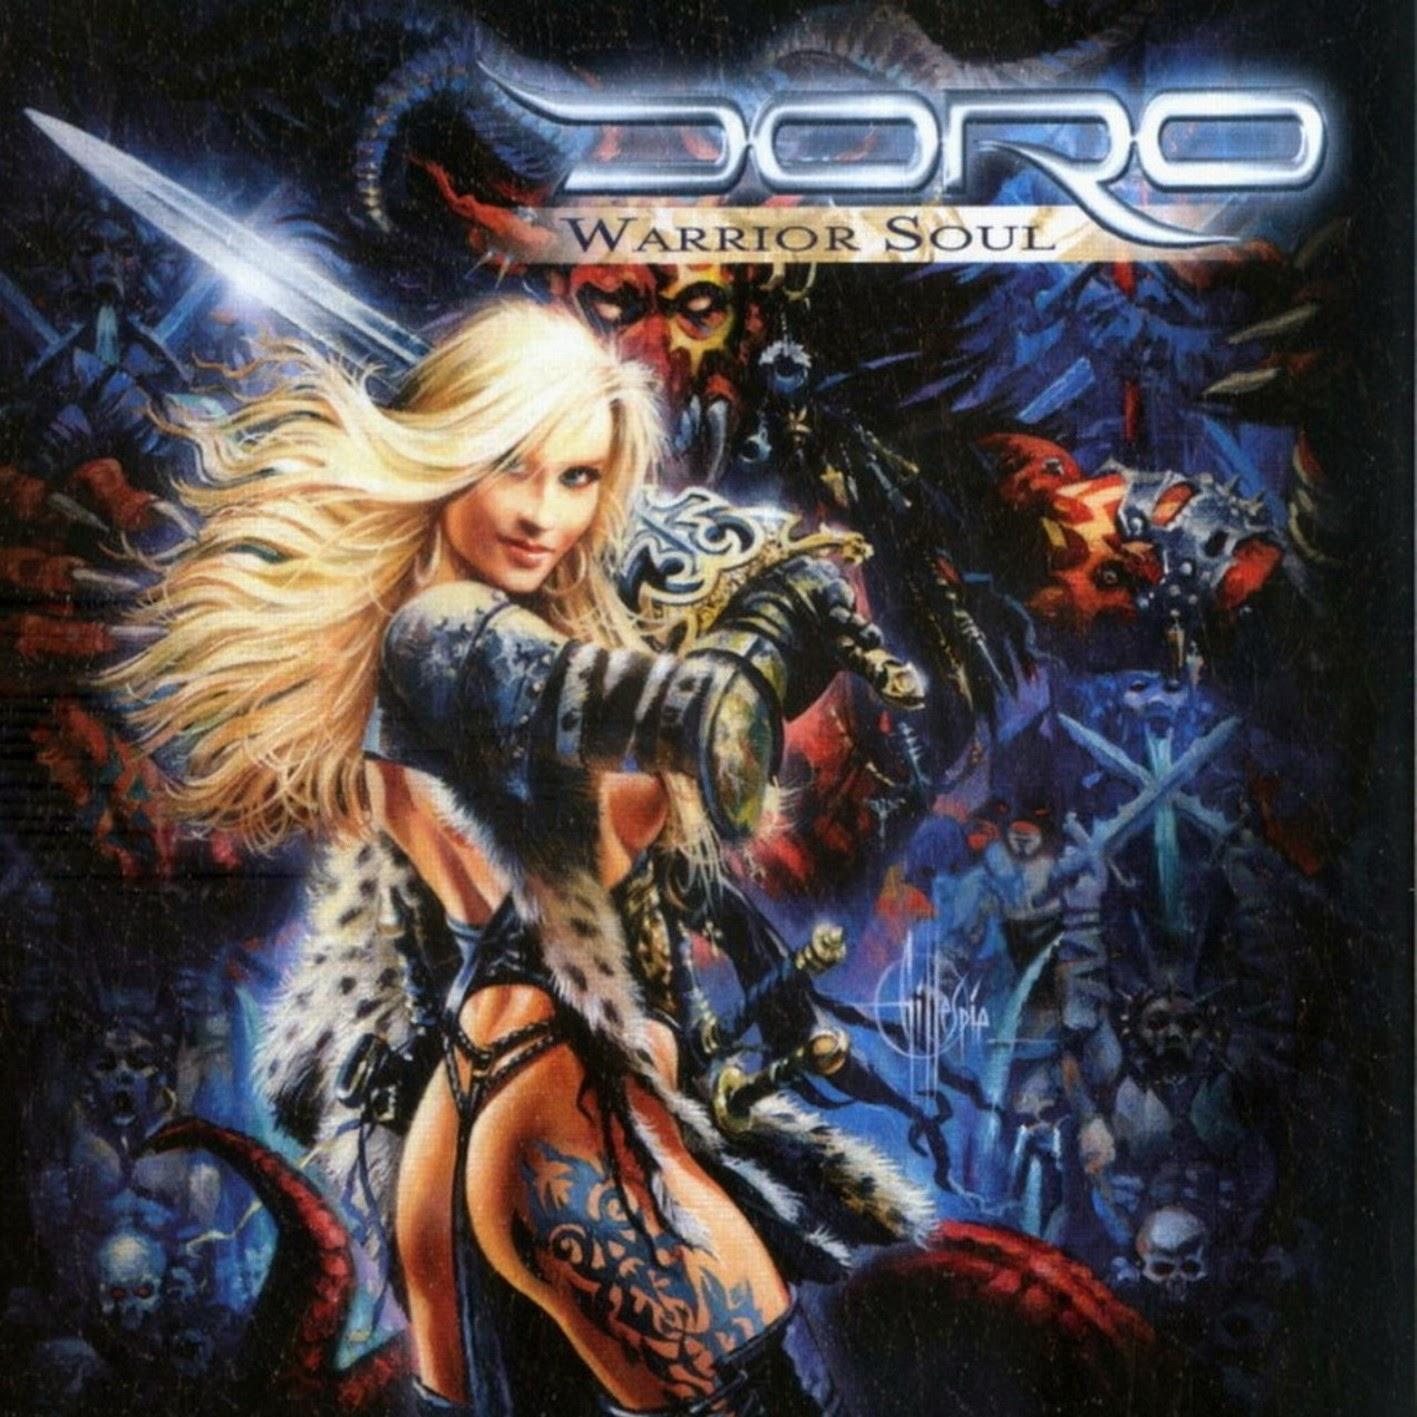 Warriors Into The Wild Audiobook: Minha Impalpável Audioteca: Discografia Doro (mp3 Alta